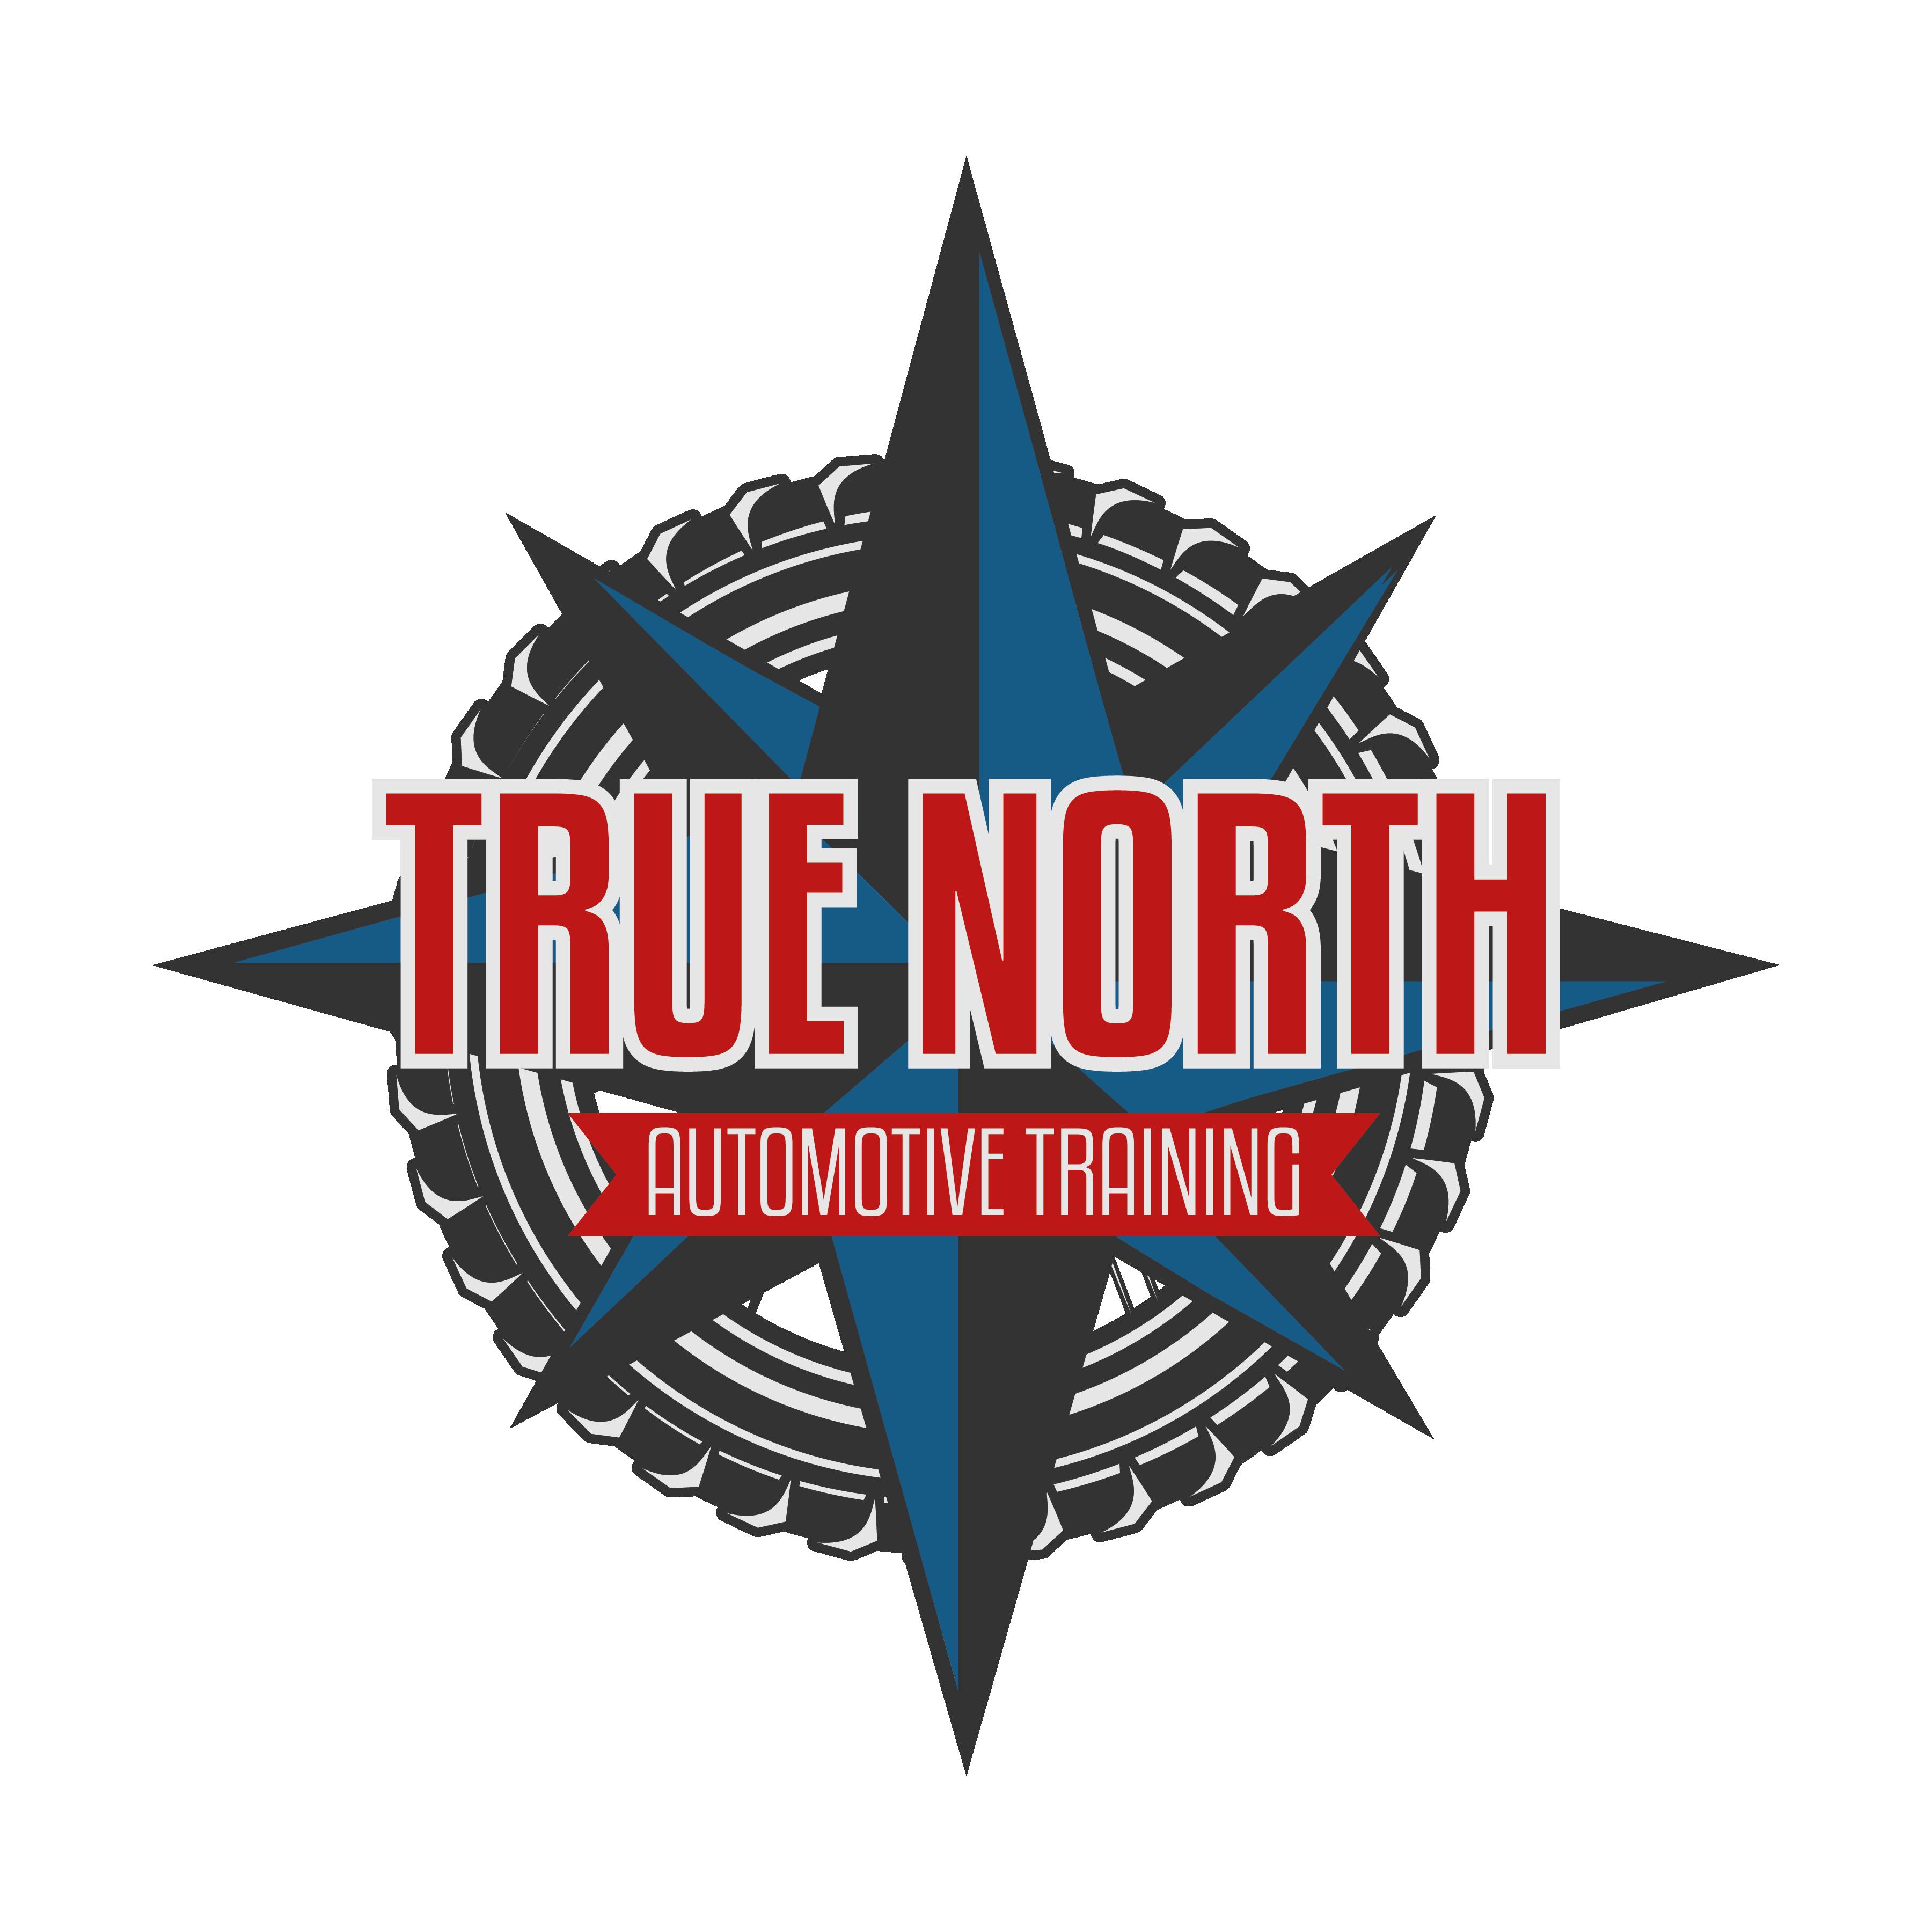 True North Automotive Training